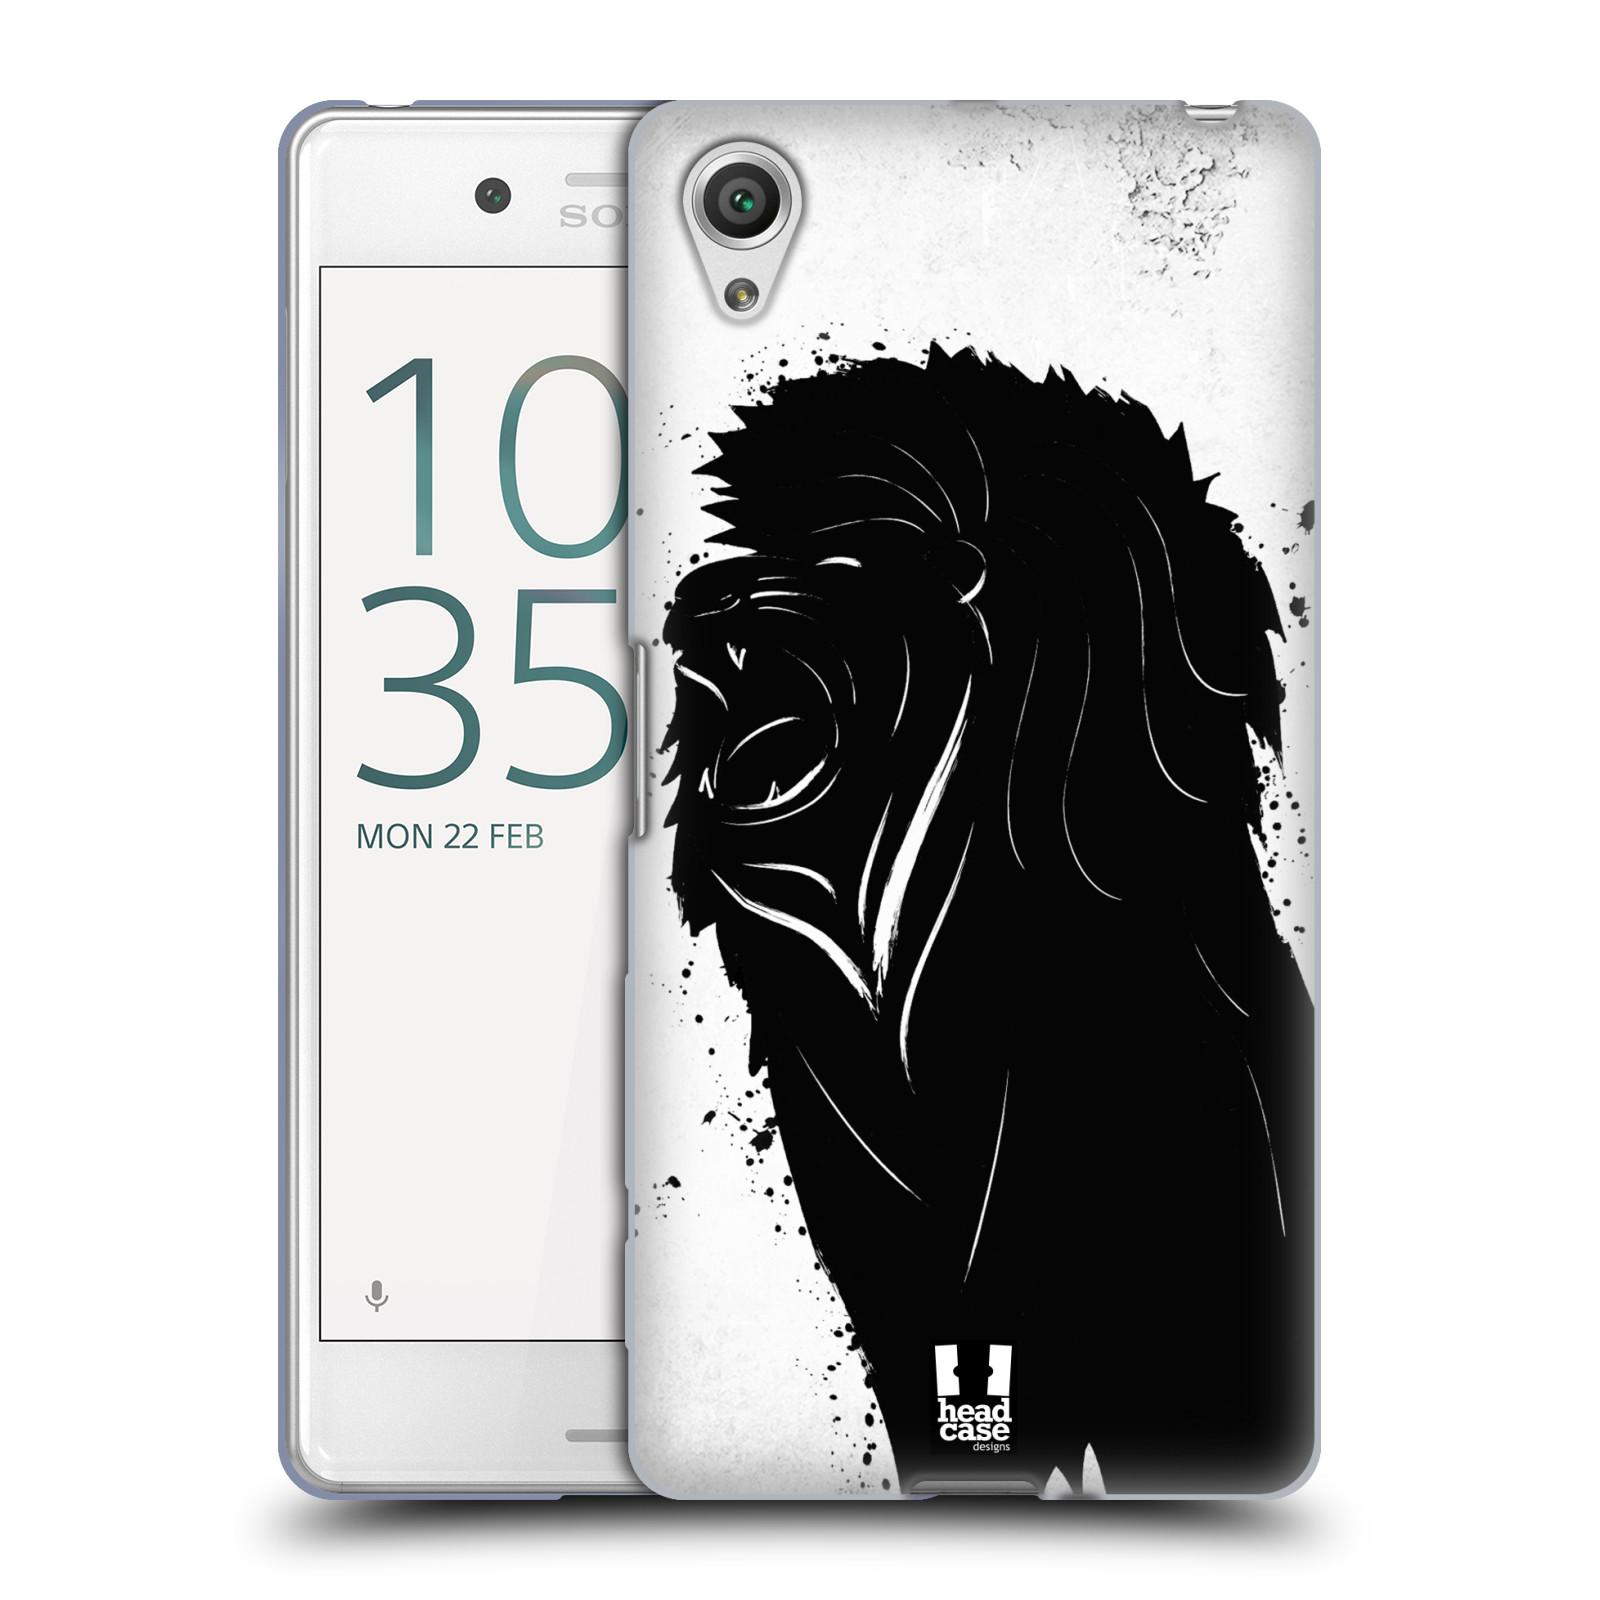 HEAD CASE silikonový obal na mobil Sony Xperia X PERFORMANCE (F8131, F8132) vzor Kresba tuš zvíře lev